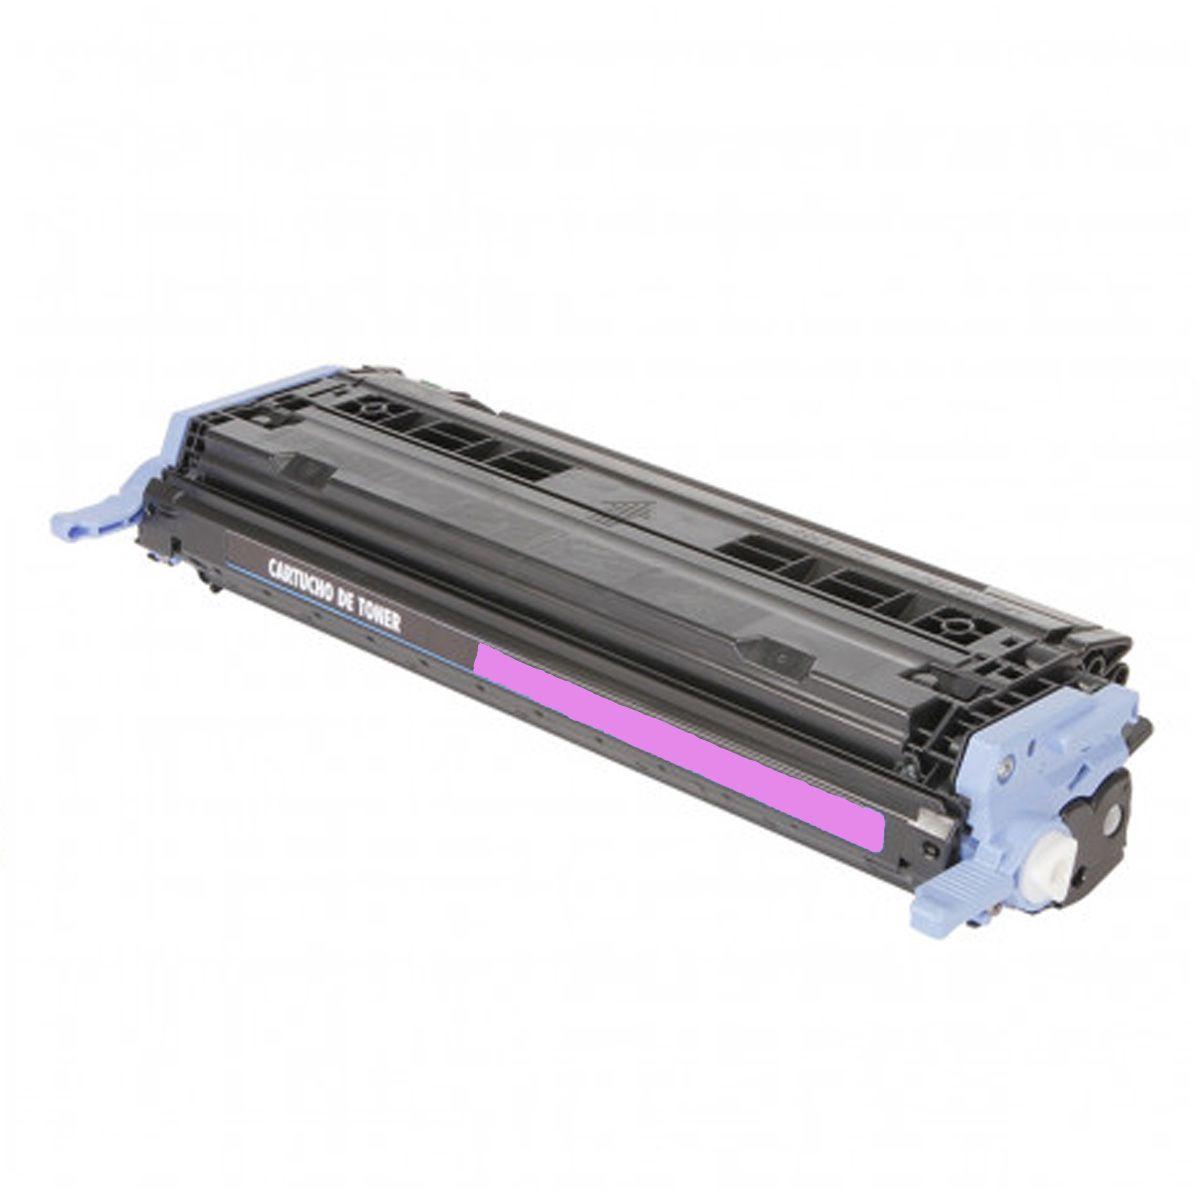 Toner Compativel com HP Q6003A 6003 - 2600N 2600 2605 CM1015 CM1017 - Magenta 2K